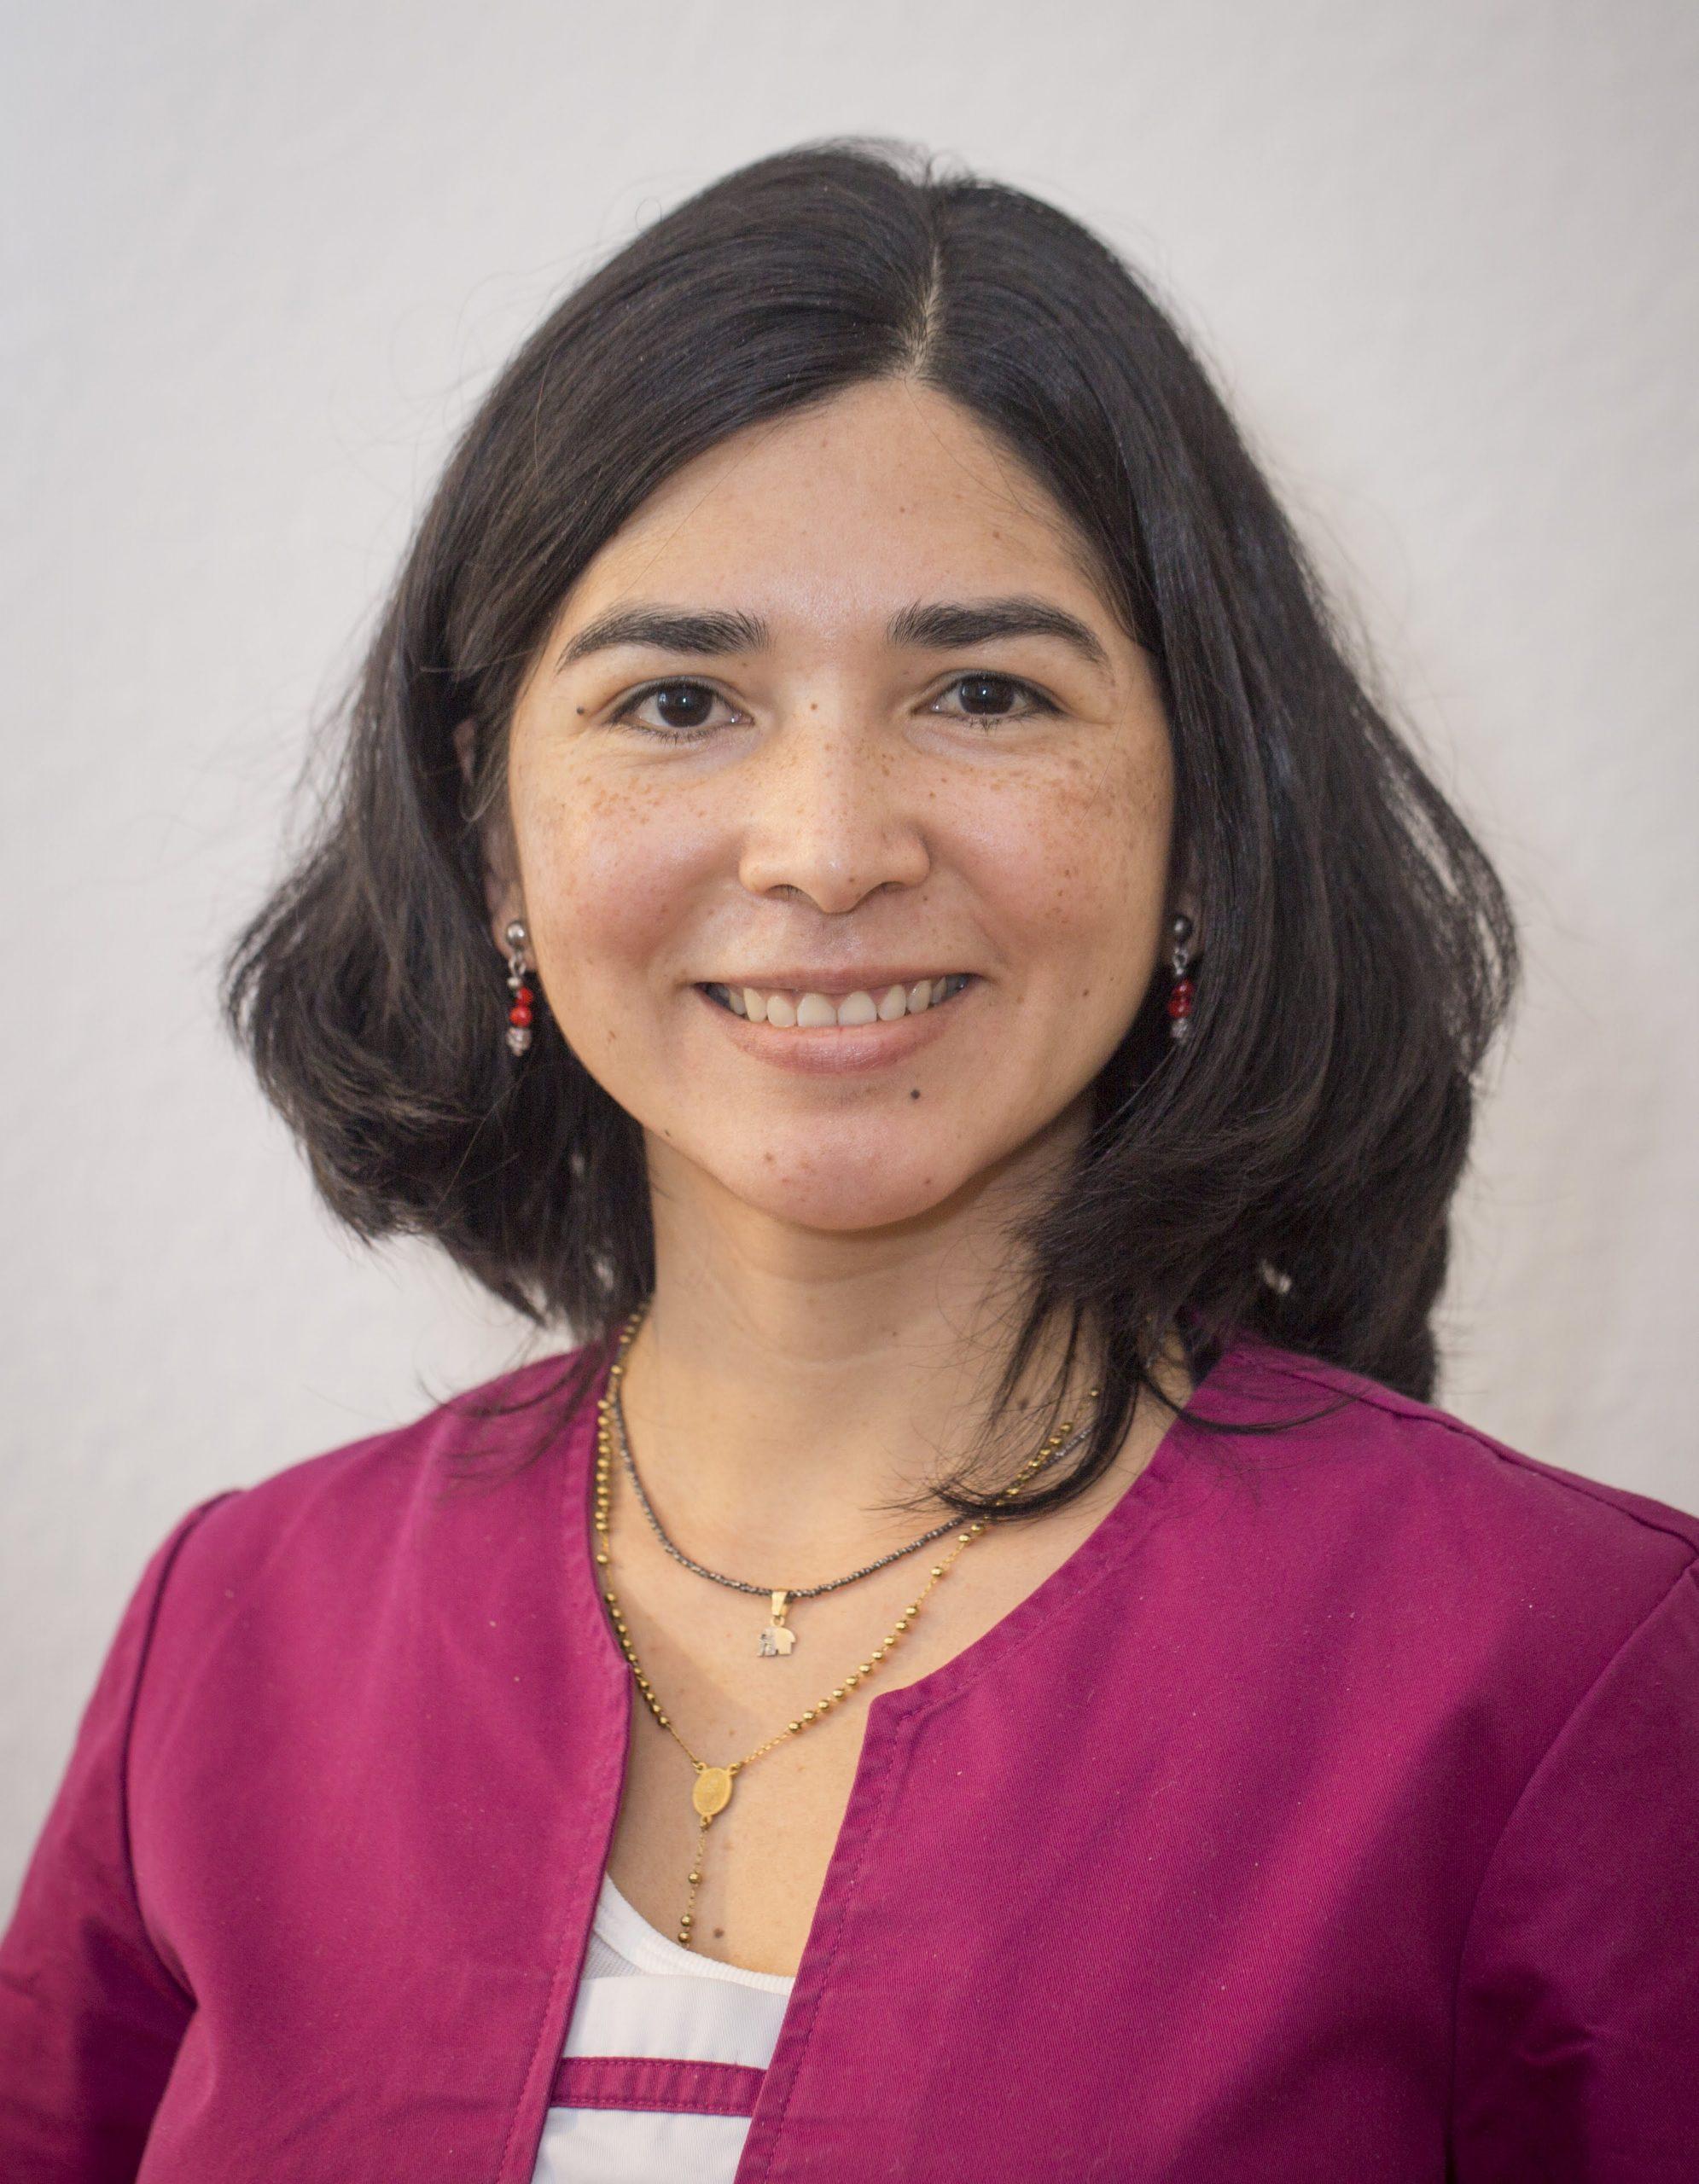 Zahnarzt Leipzig Cynthia Sanchez